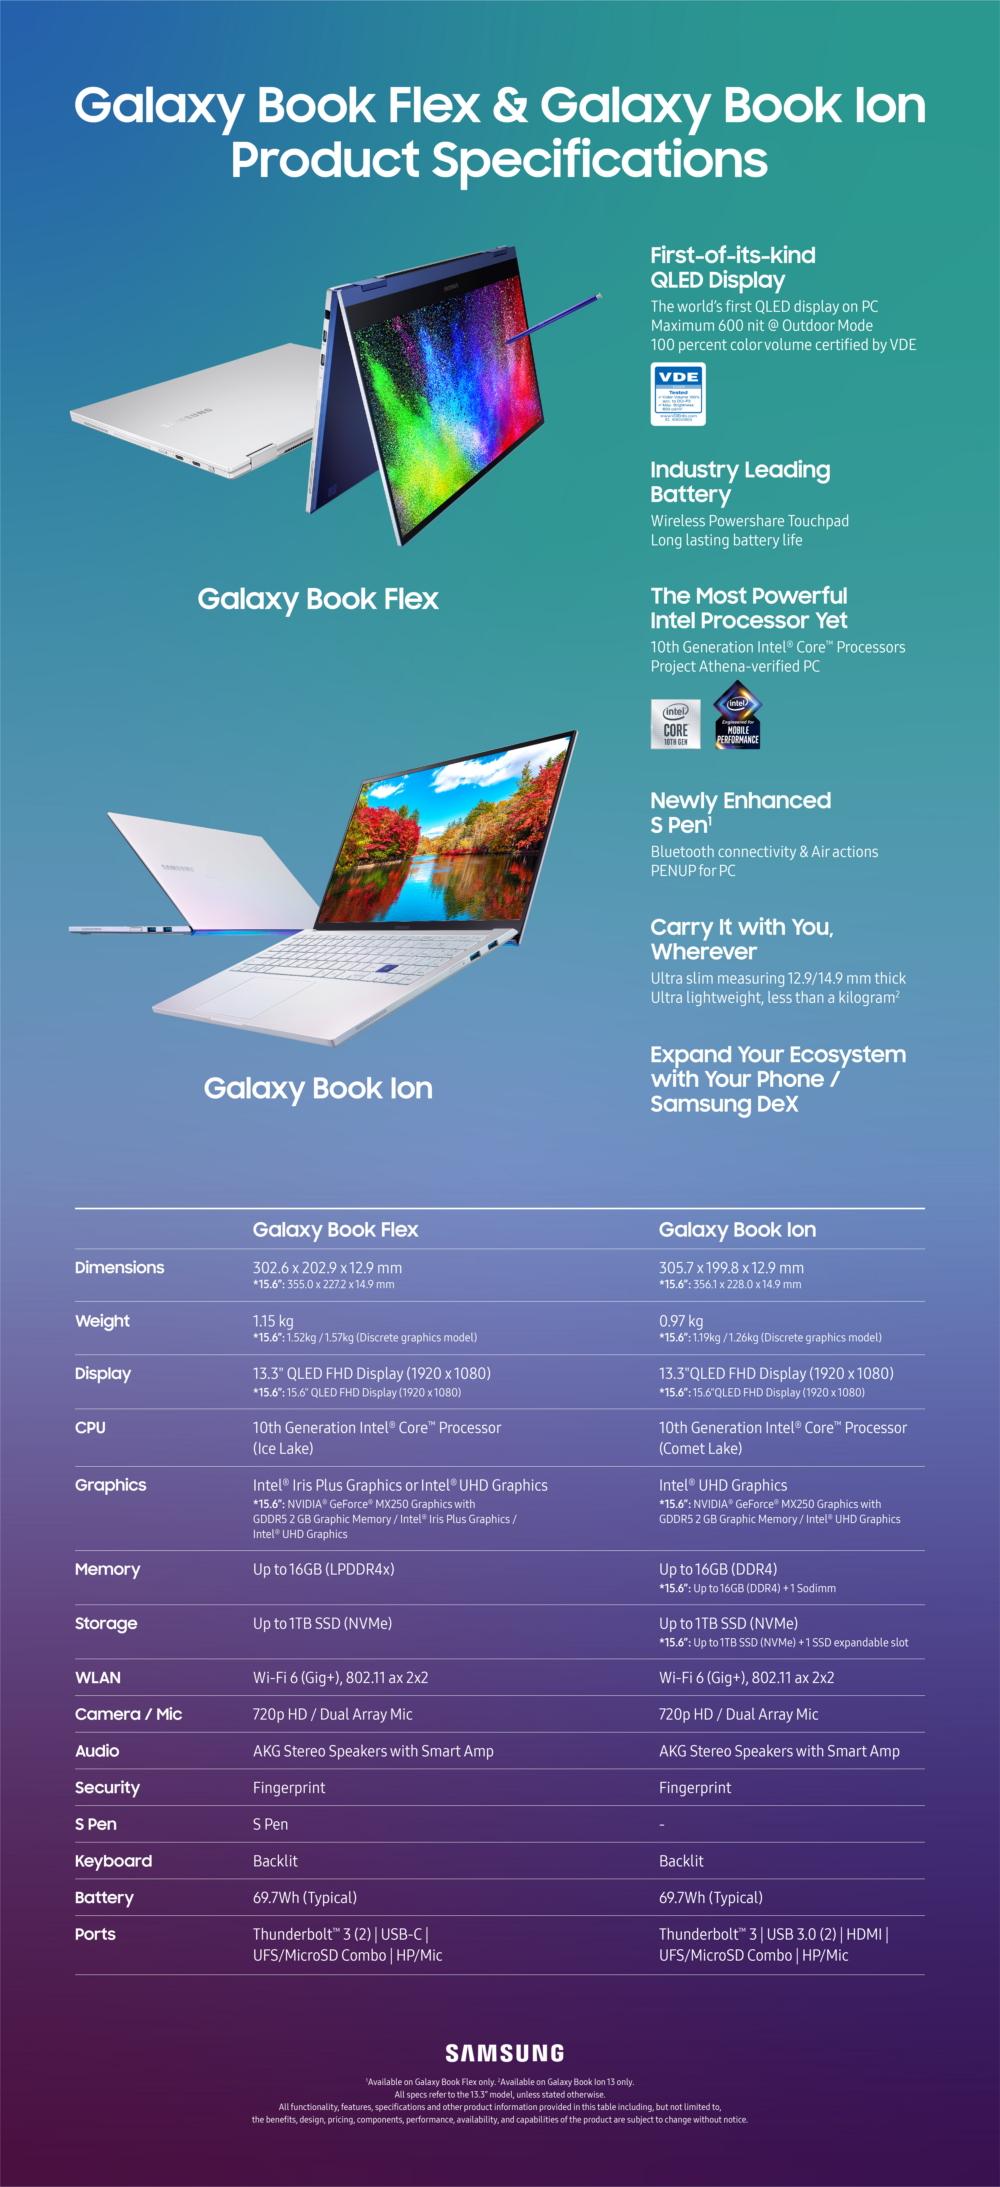 Premiery Samsunga w segmencie laptopów: Galaxy Book Flex i Galaxy Book Ion 23